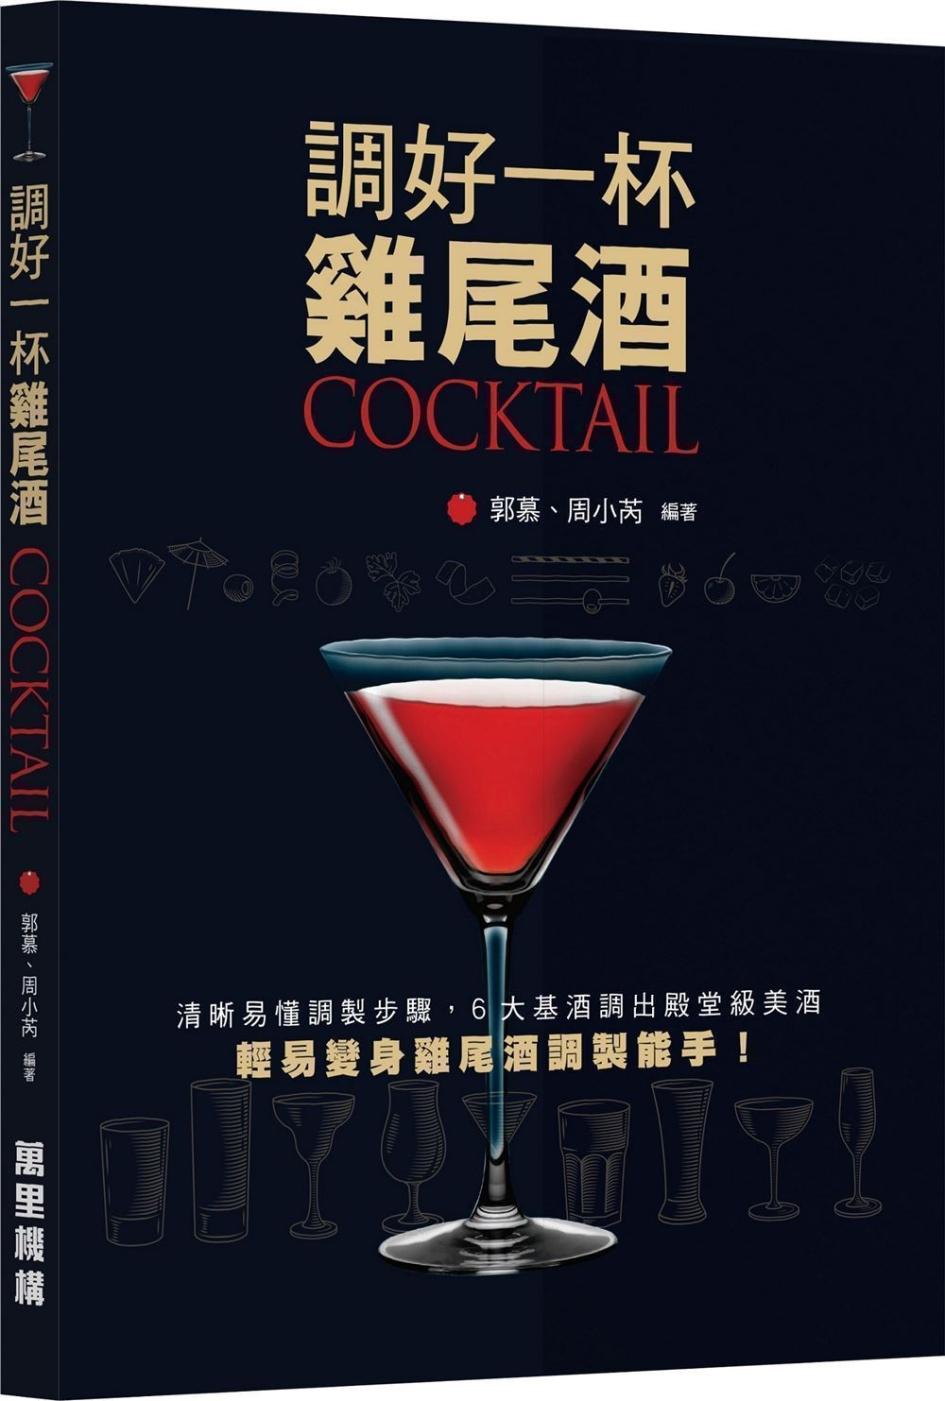 調好一杯雞尾酒COCKTAIL